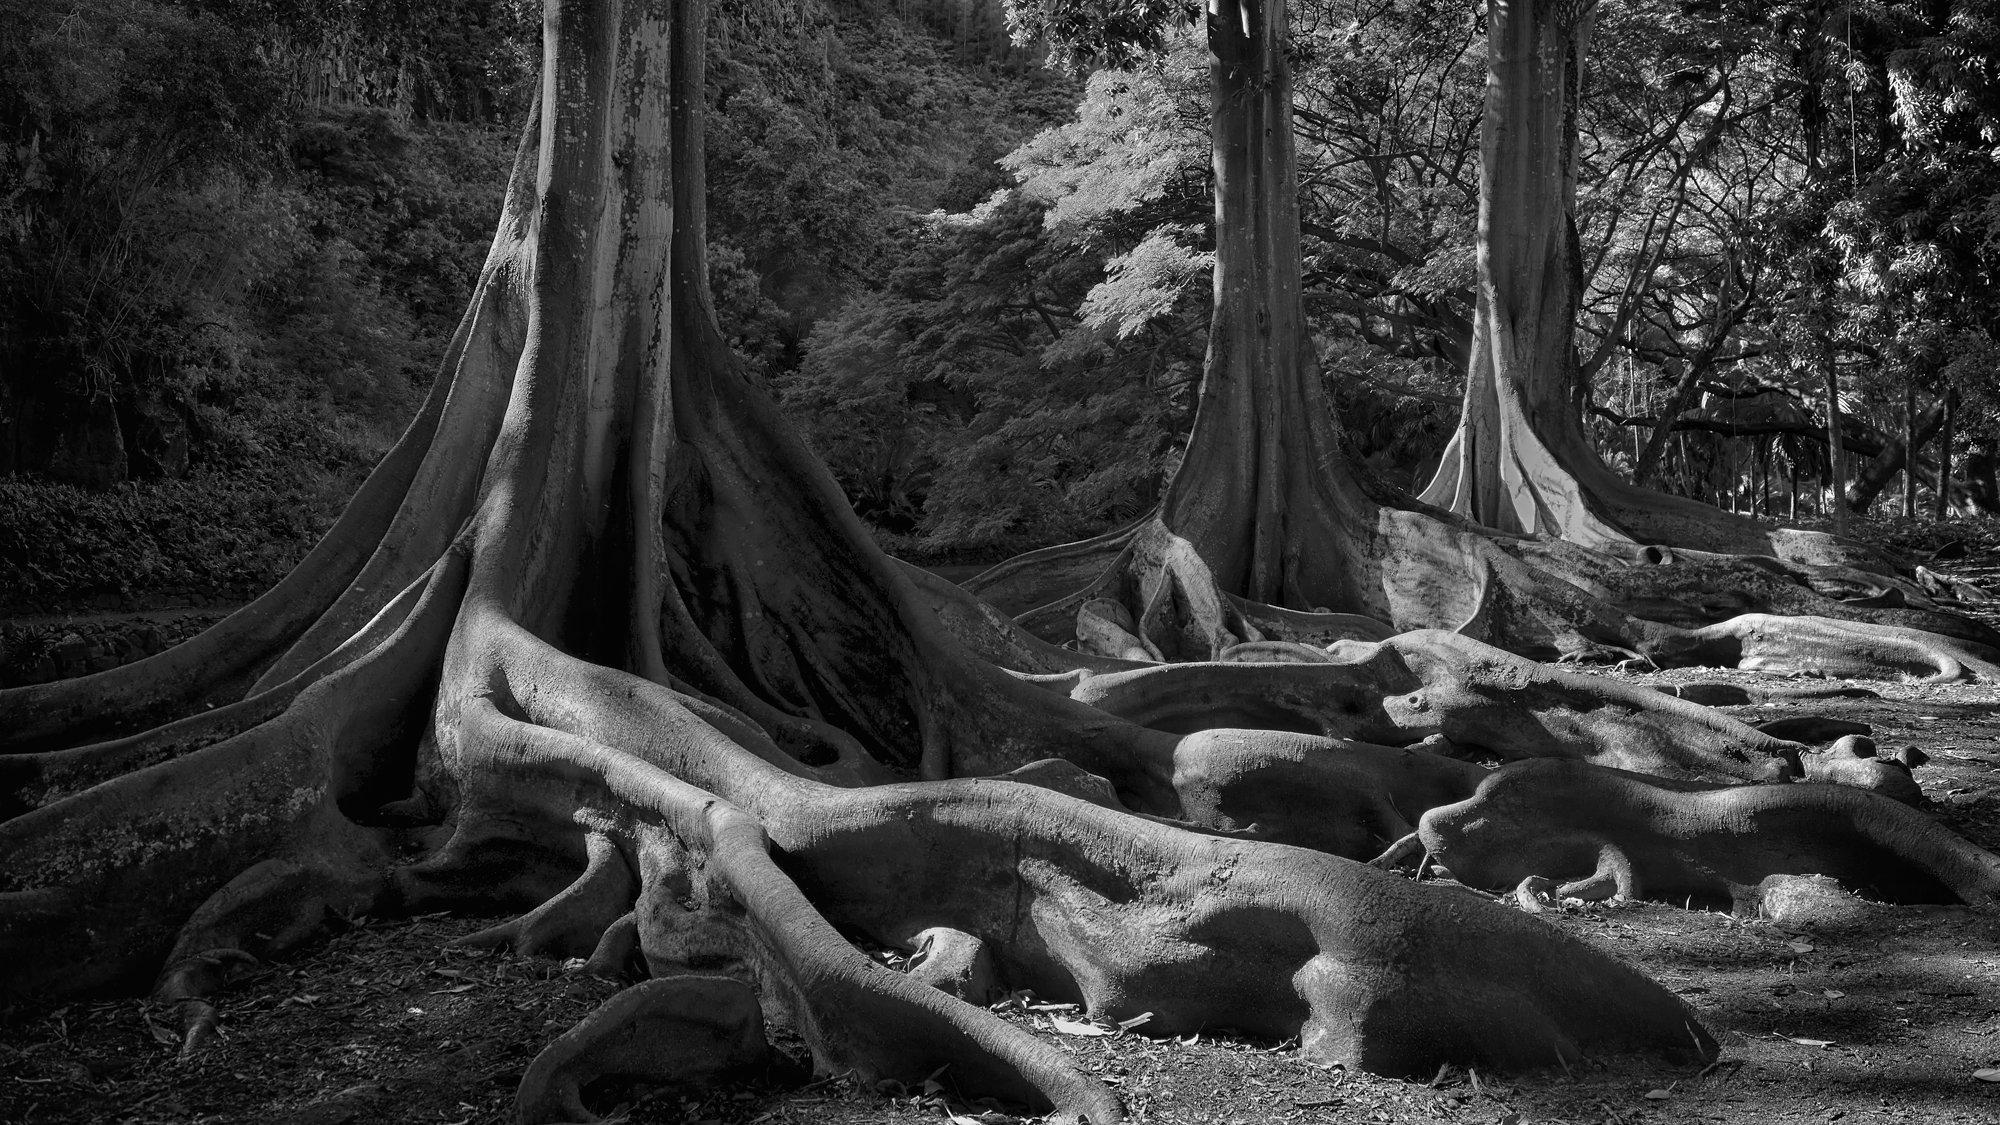 TreeFigB&W.jpg